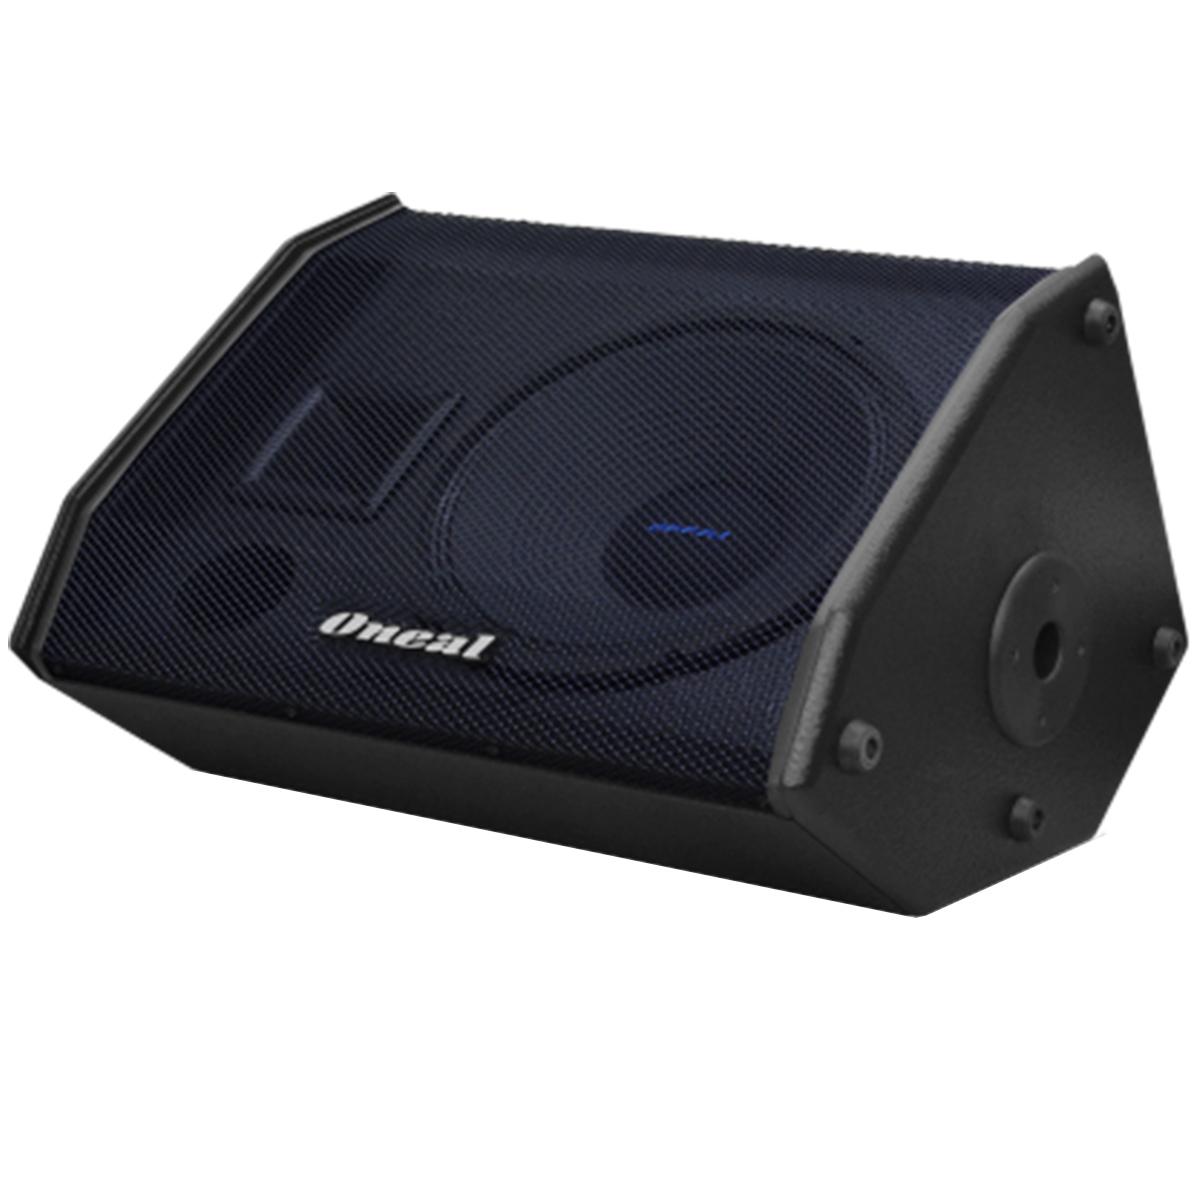 OBM3050 - Monitor Passivo 325W OBM 3050 - Oneal